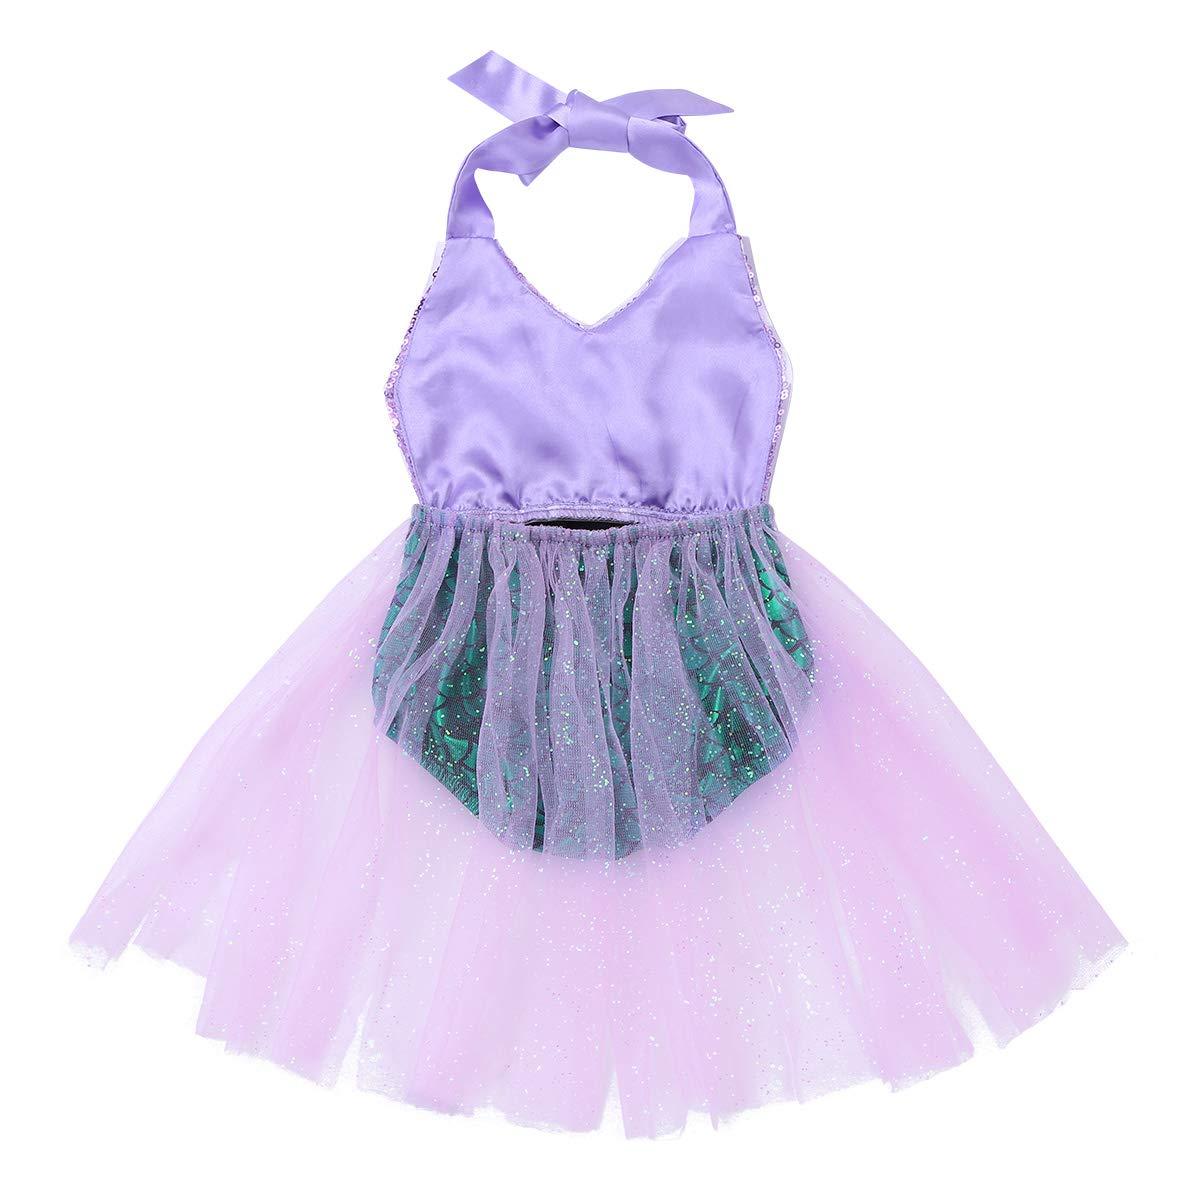 Alvivi Infant Baby Girls Shiny Sequins Little Mermaid Romper Dress Bodysuit Swimwear Cosplay Costume